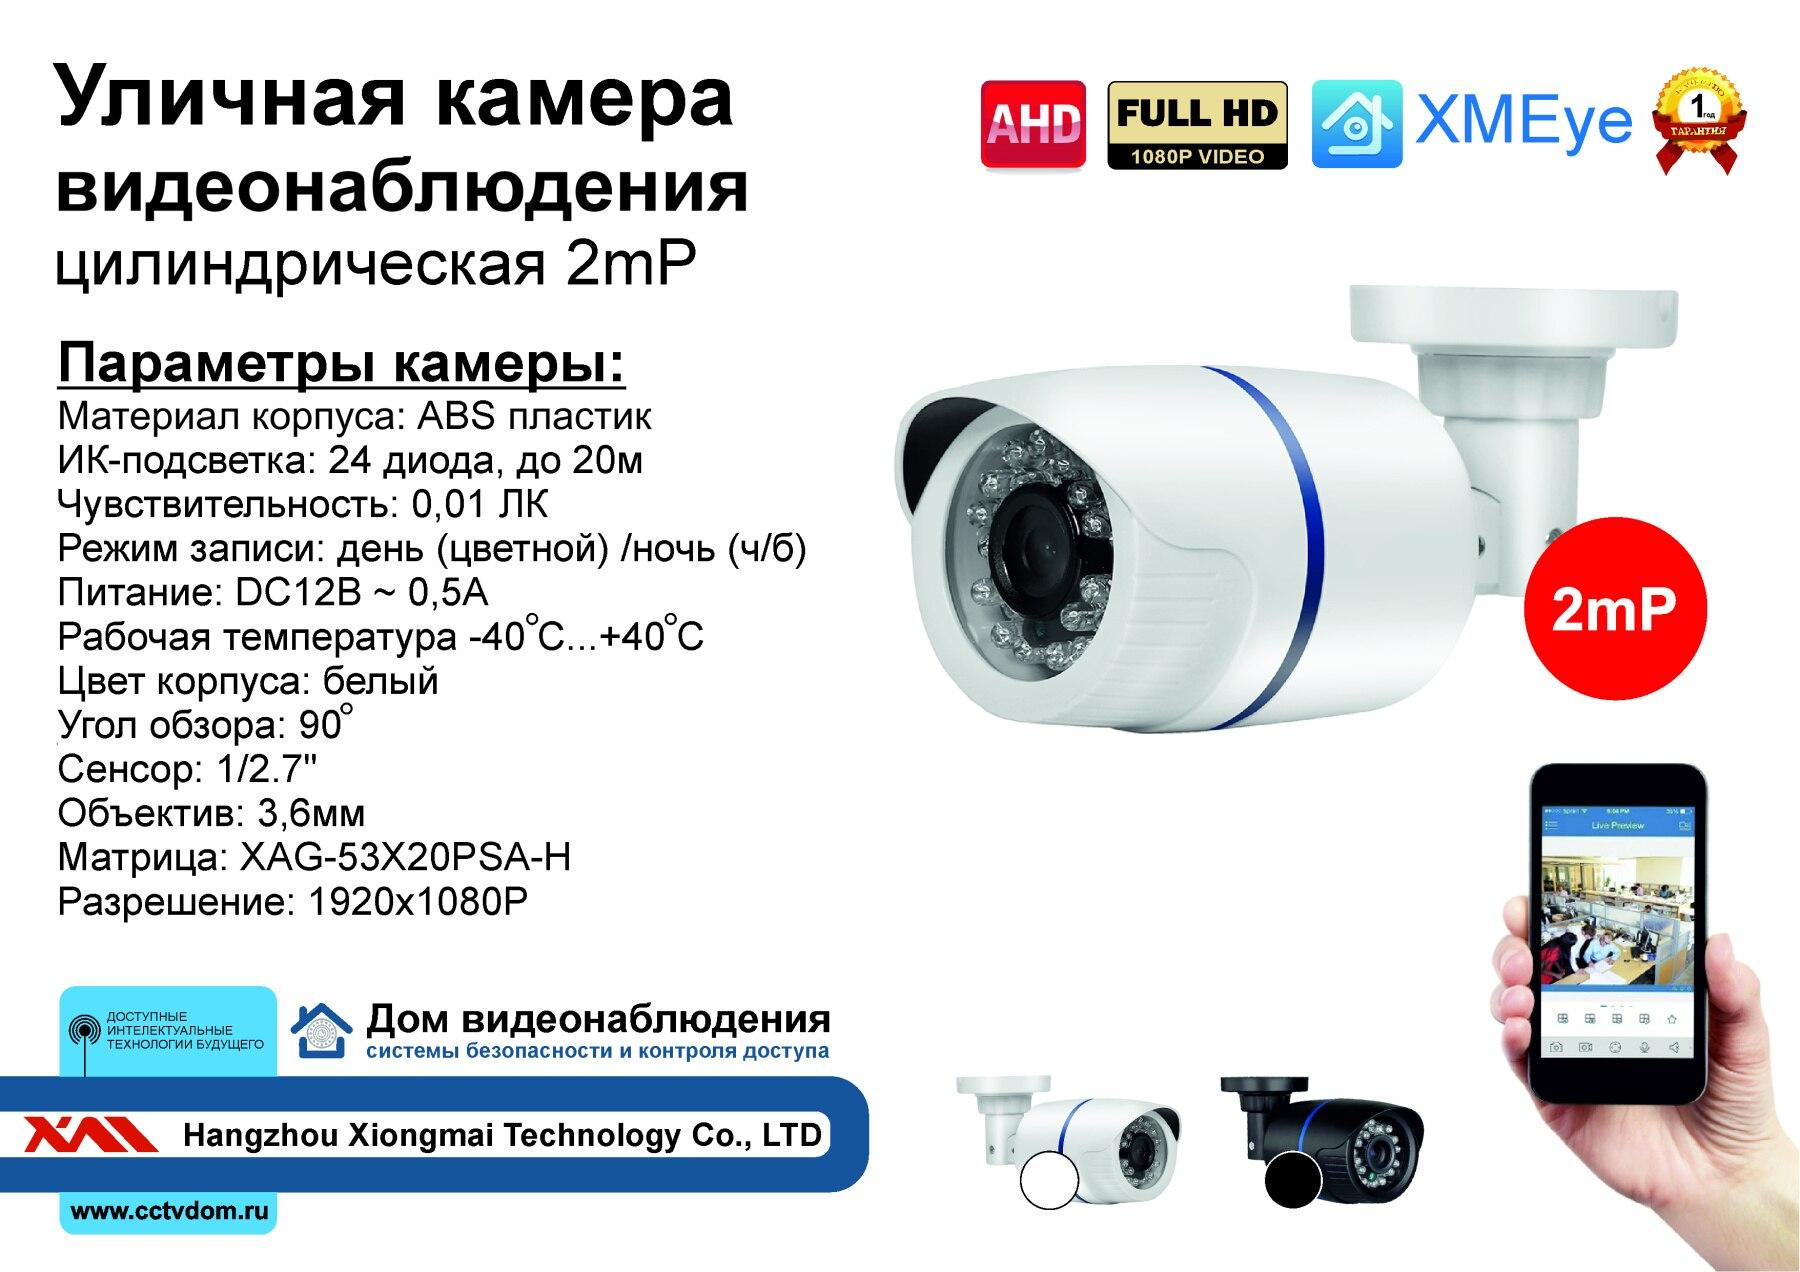 Уличная камера видеонаблюдения AHD 2мП Full HD 1080P с ИК подсветкой до 20м. AHD/CVI/TVI/CVBS. (DVW100AHD1080P)